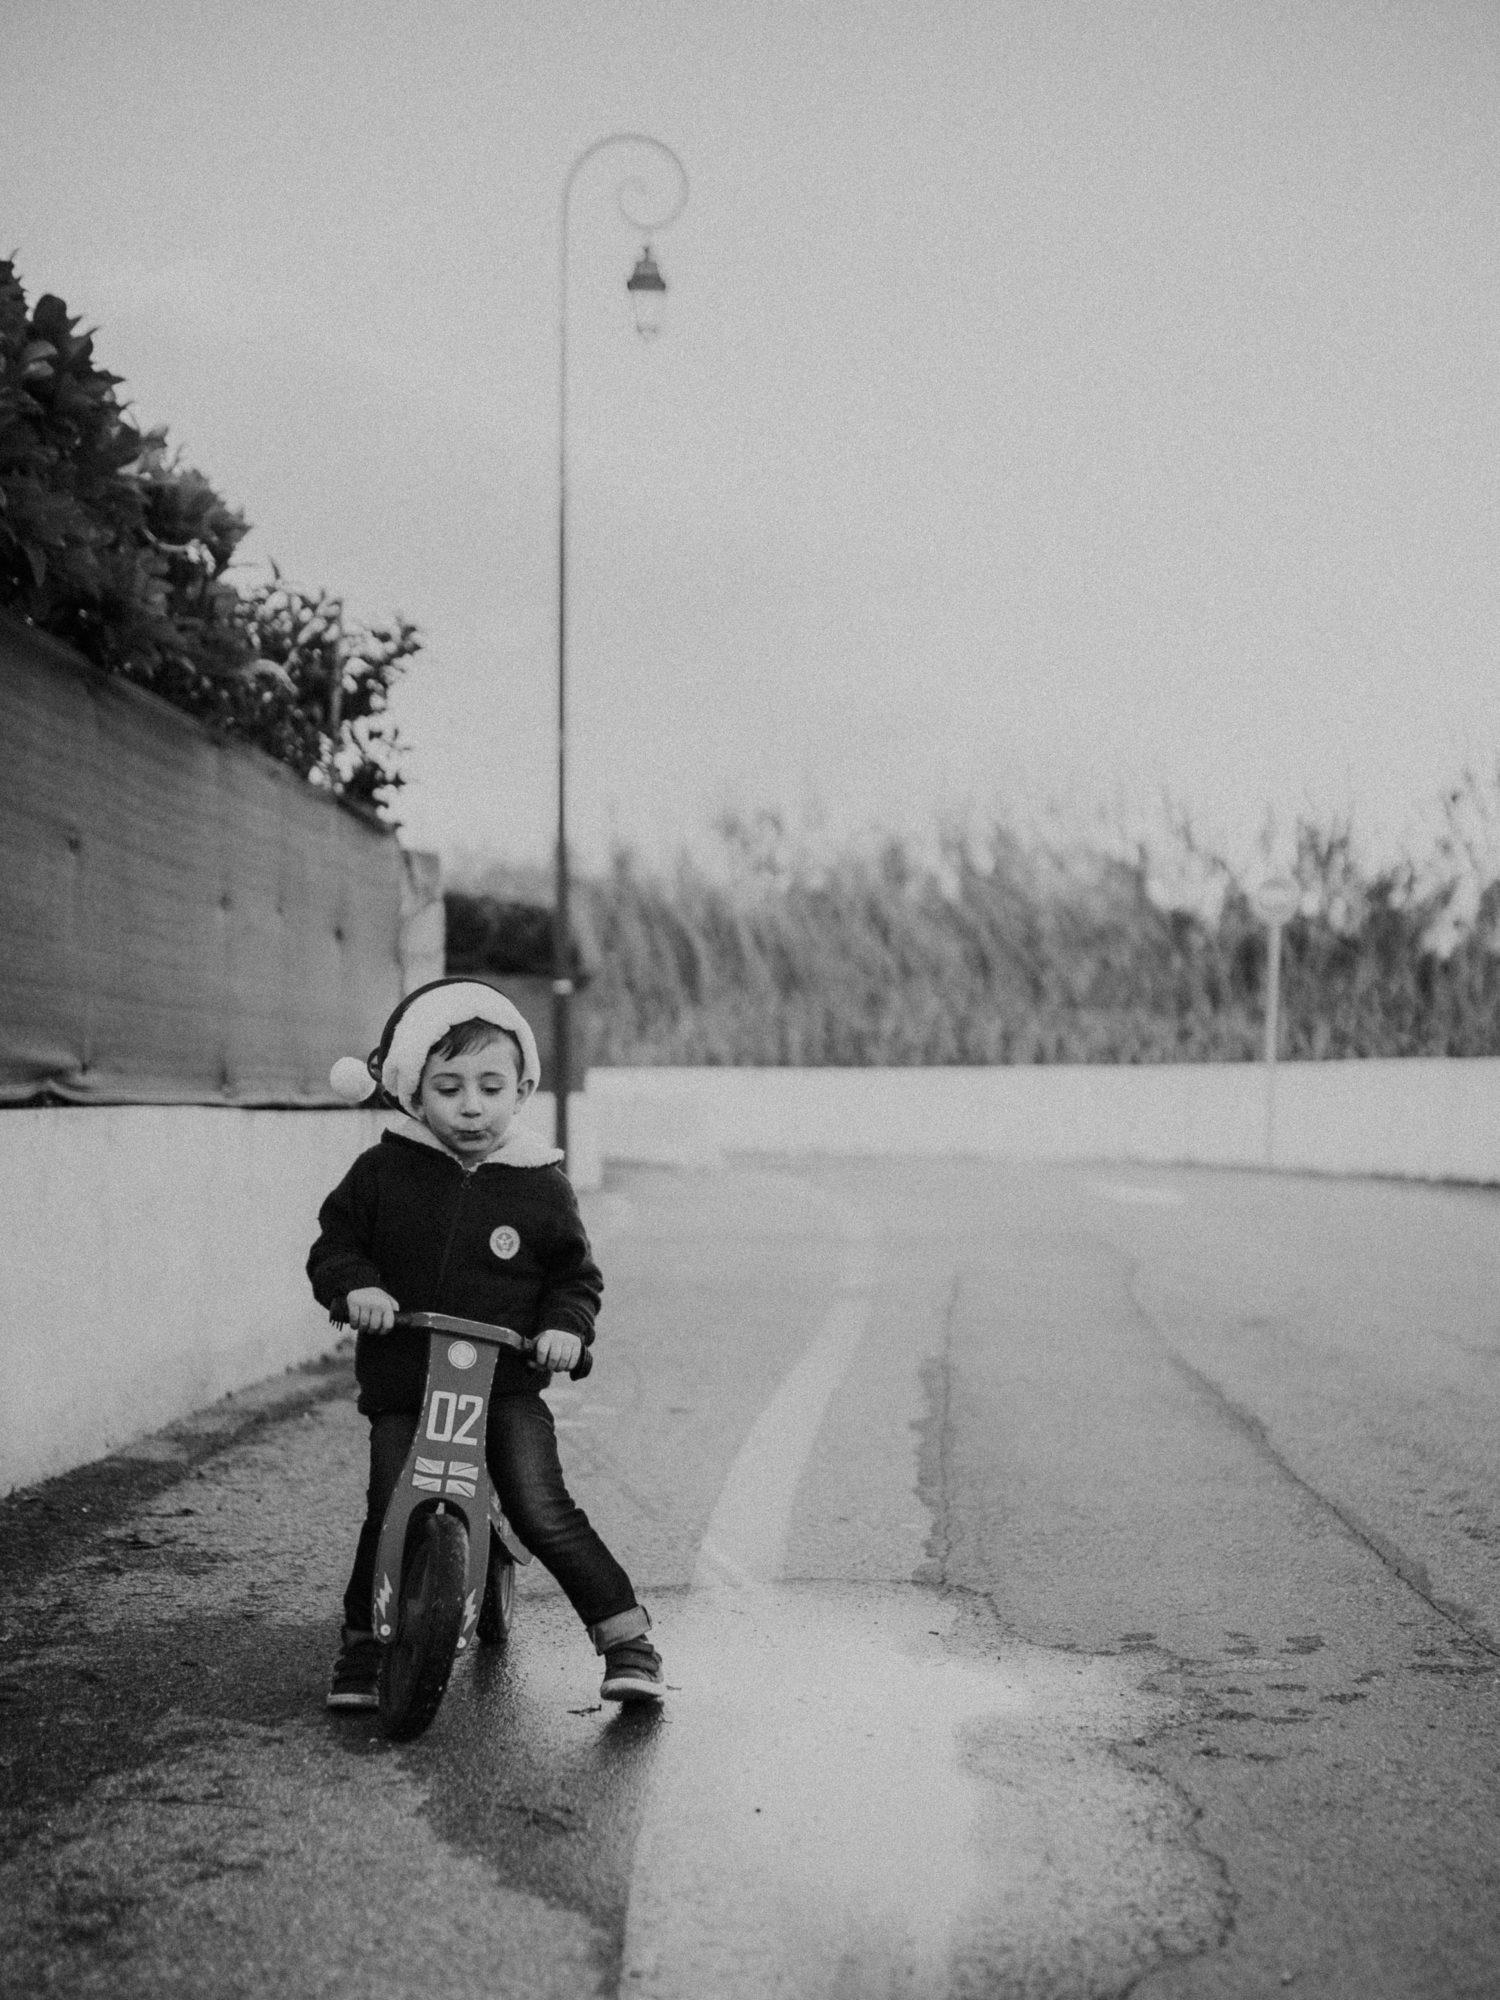 sur le chemin de l 'école - auribeau sur siagne - caroline liabot photographe - photographe lifestyle famille grasse - portrait d'enfant - reportage photo du quotidien